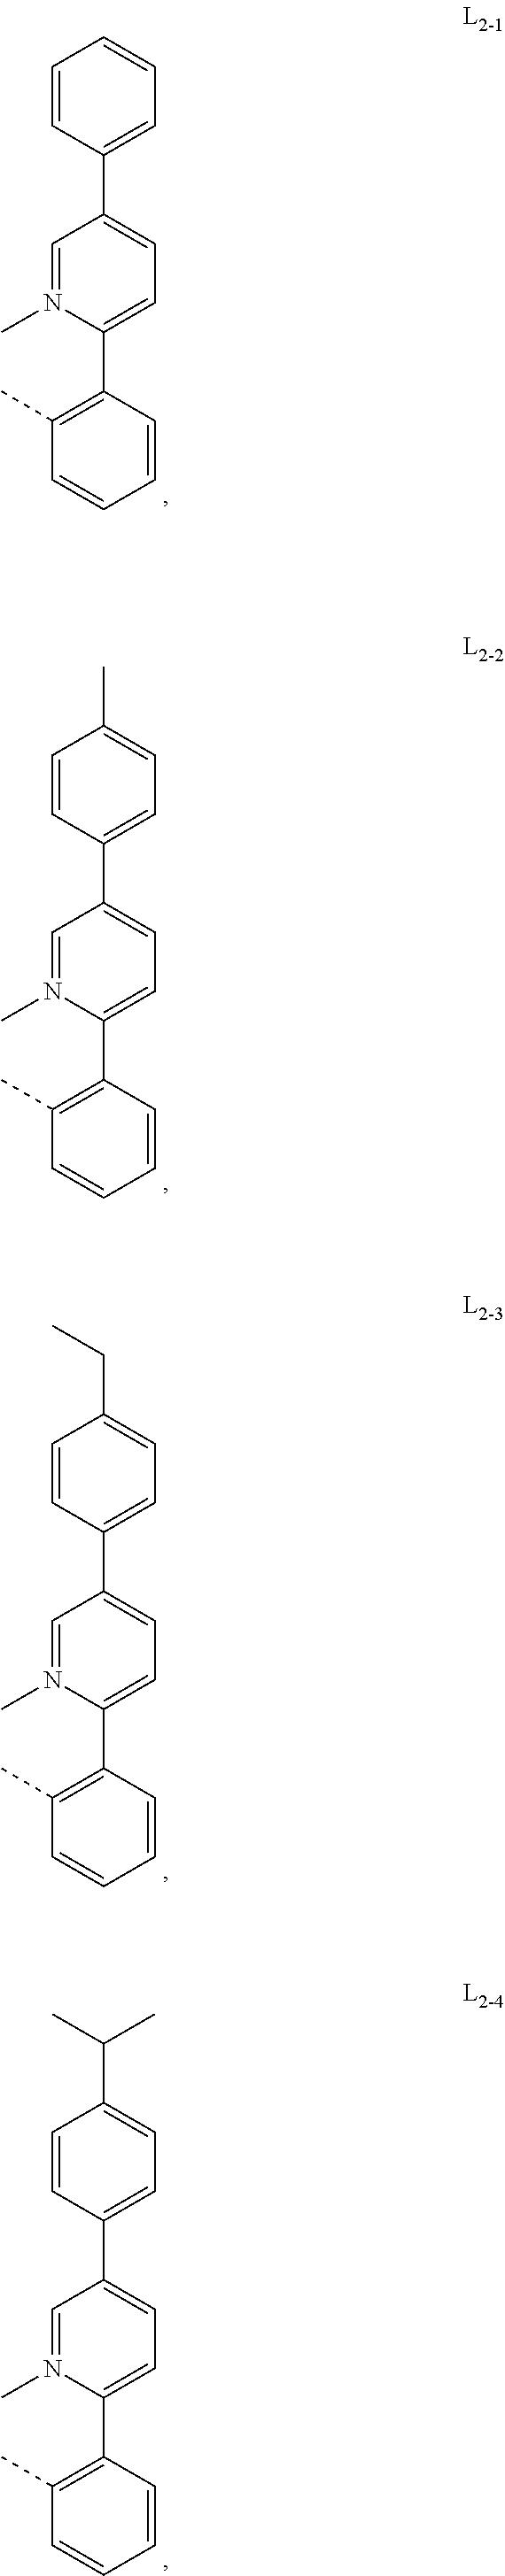 Figure US10074806-20180911-C00050